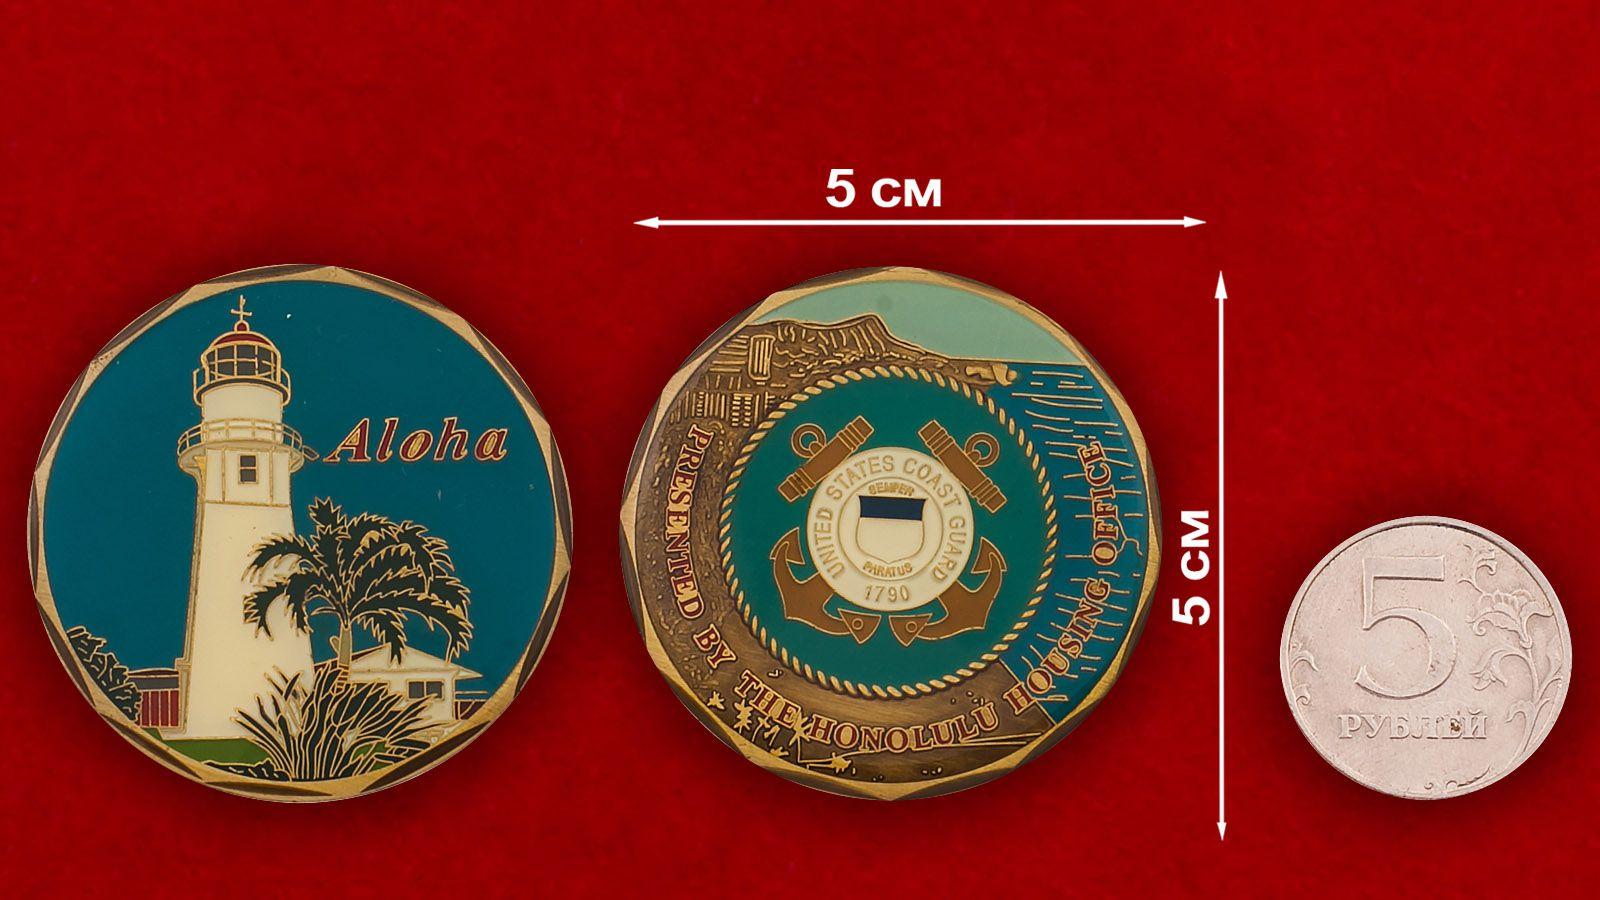 Челлендж коин Береговой охраны Гонулулу - сравнительный размер